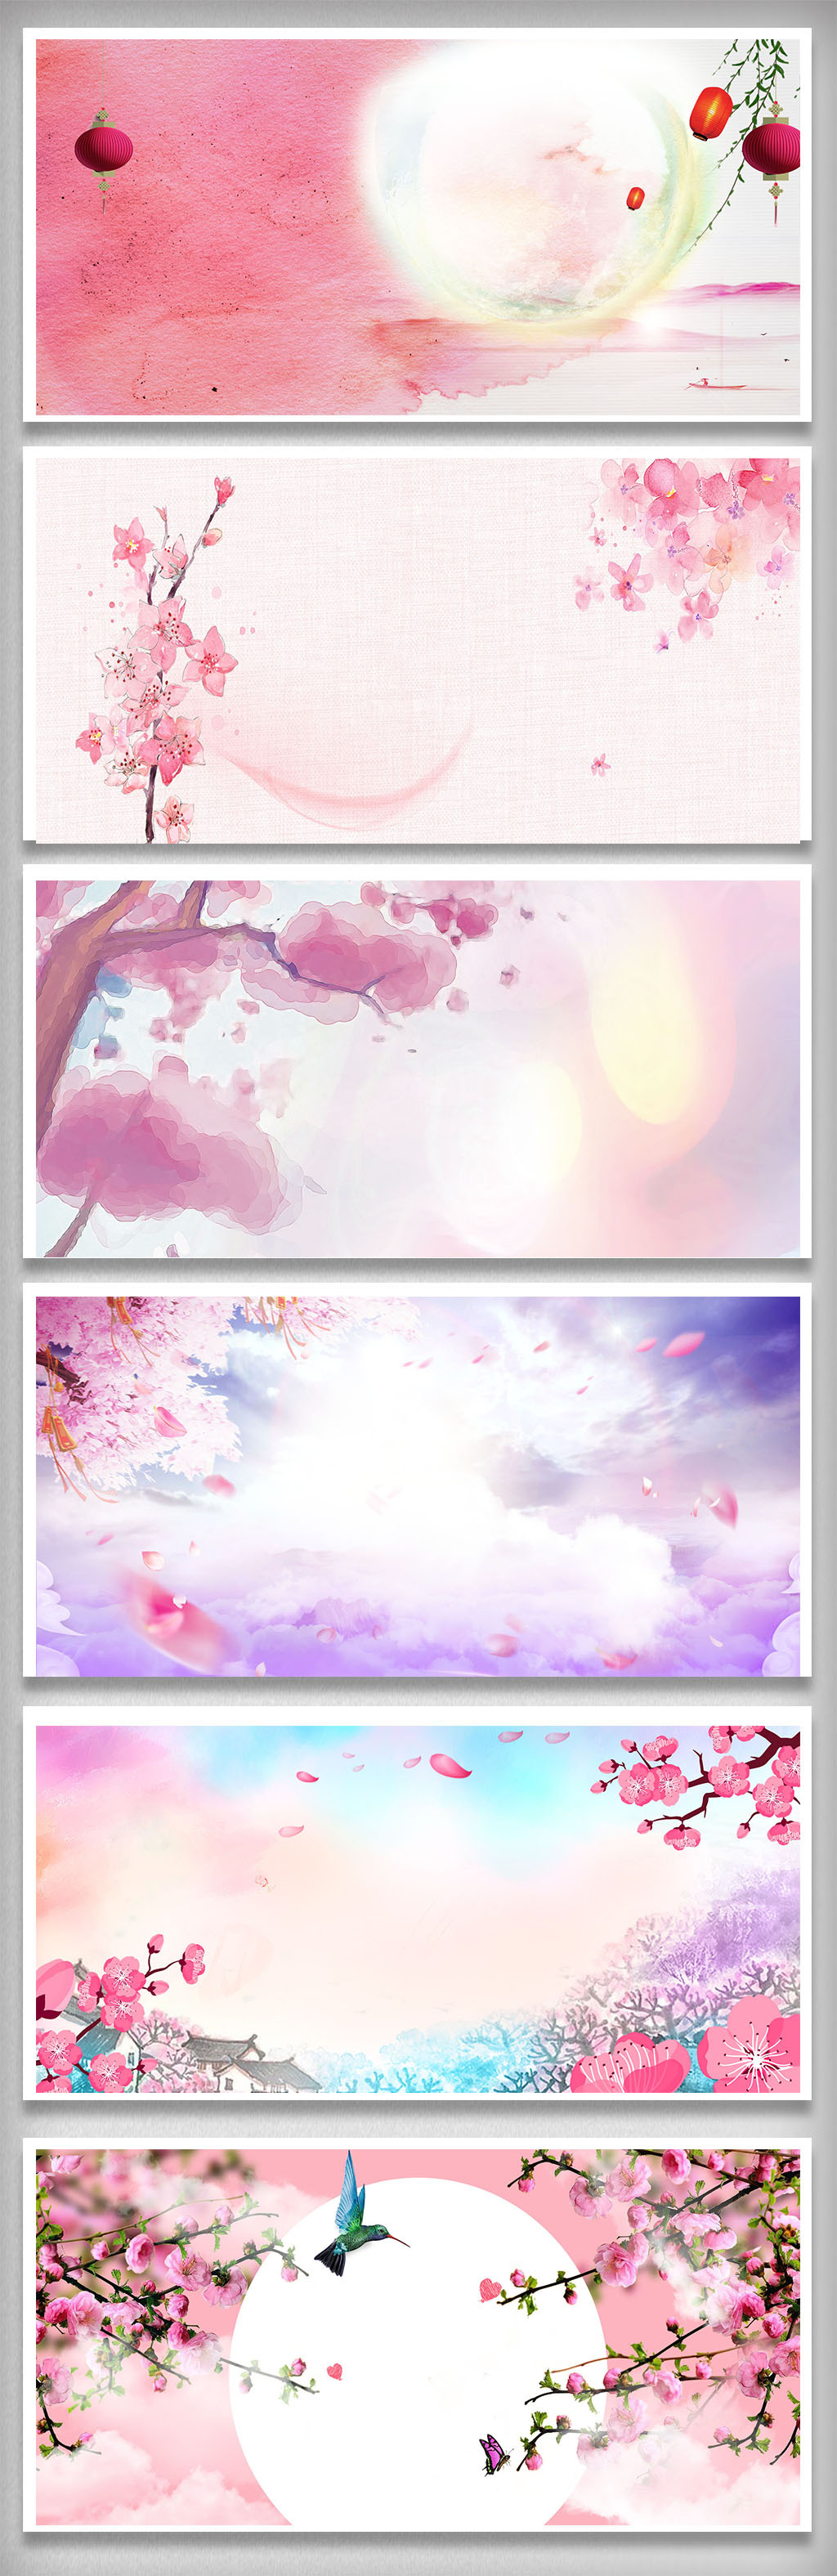 唯美桃花彩绘手绘背景图